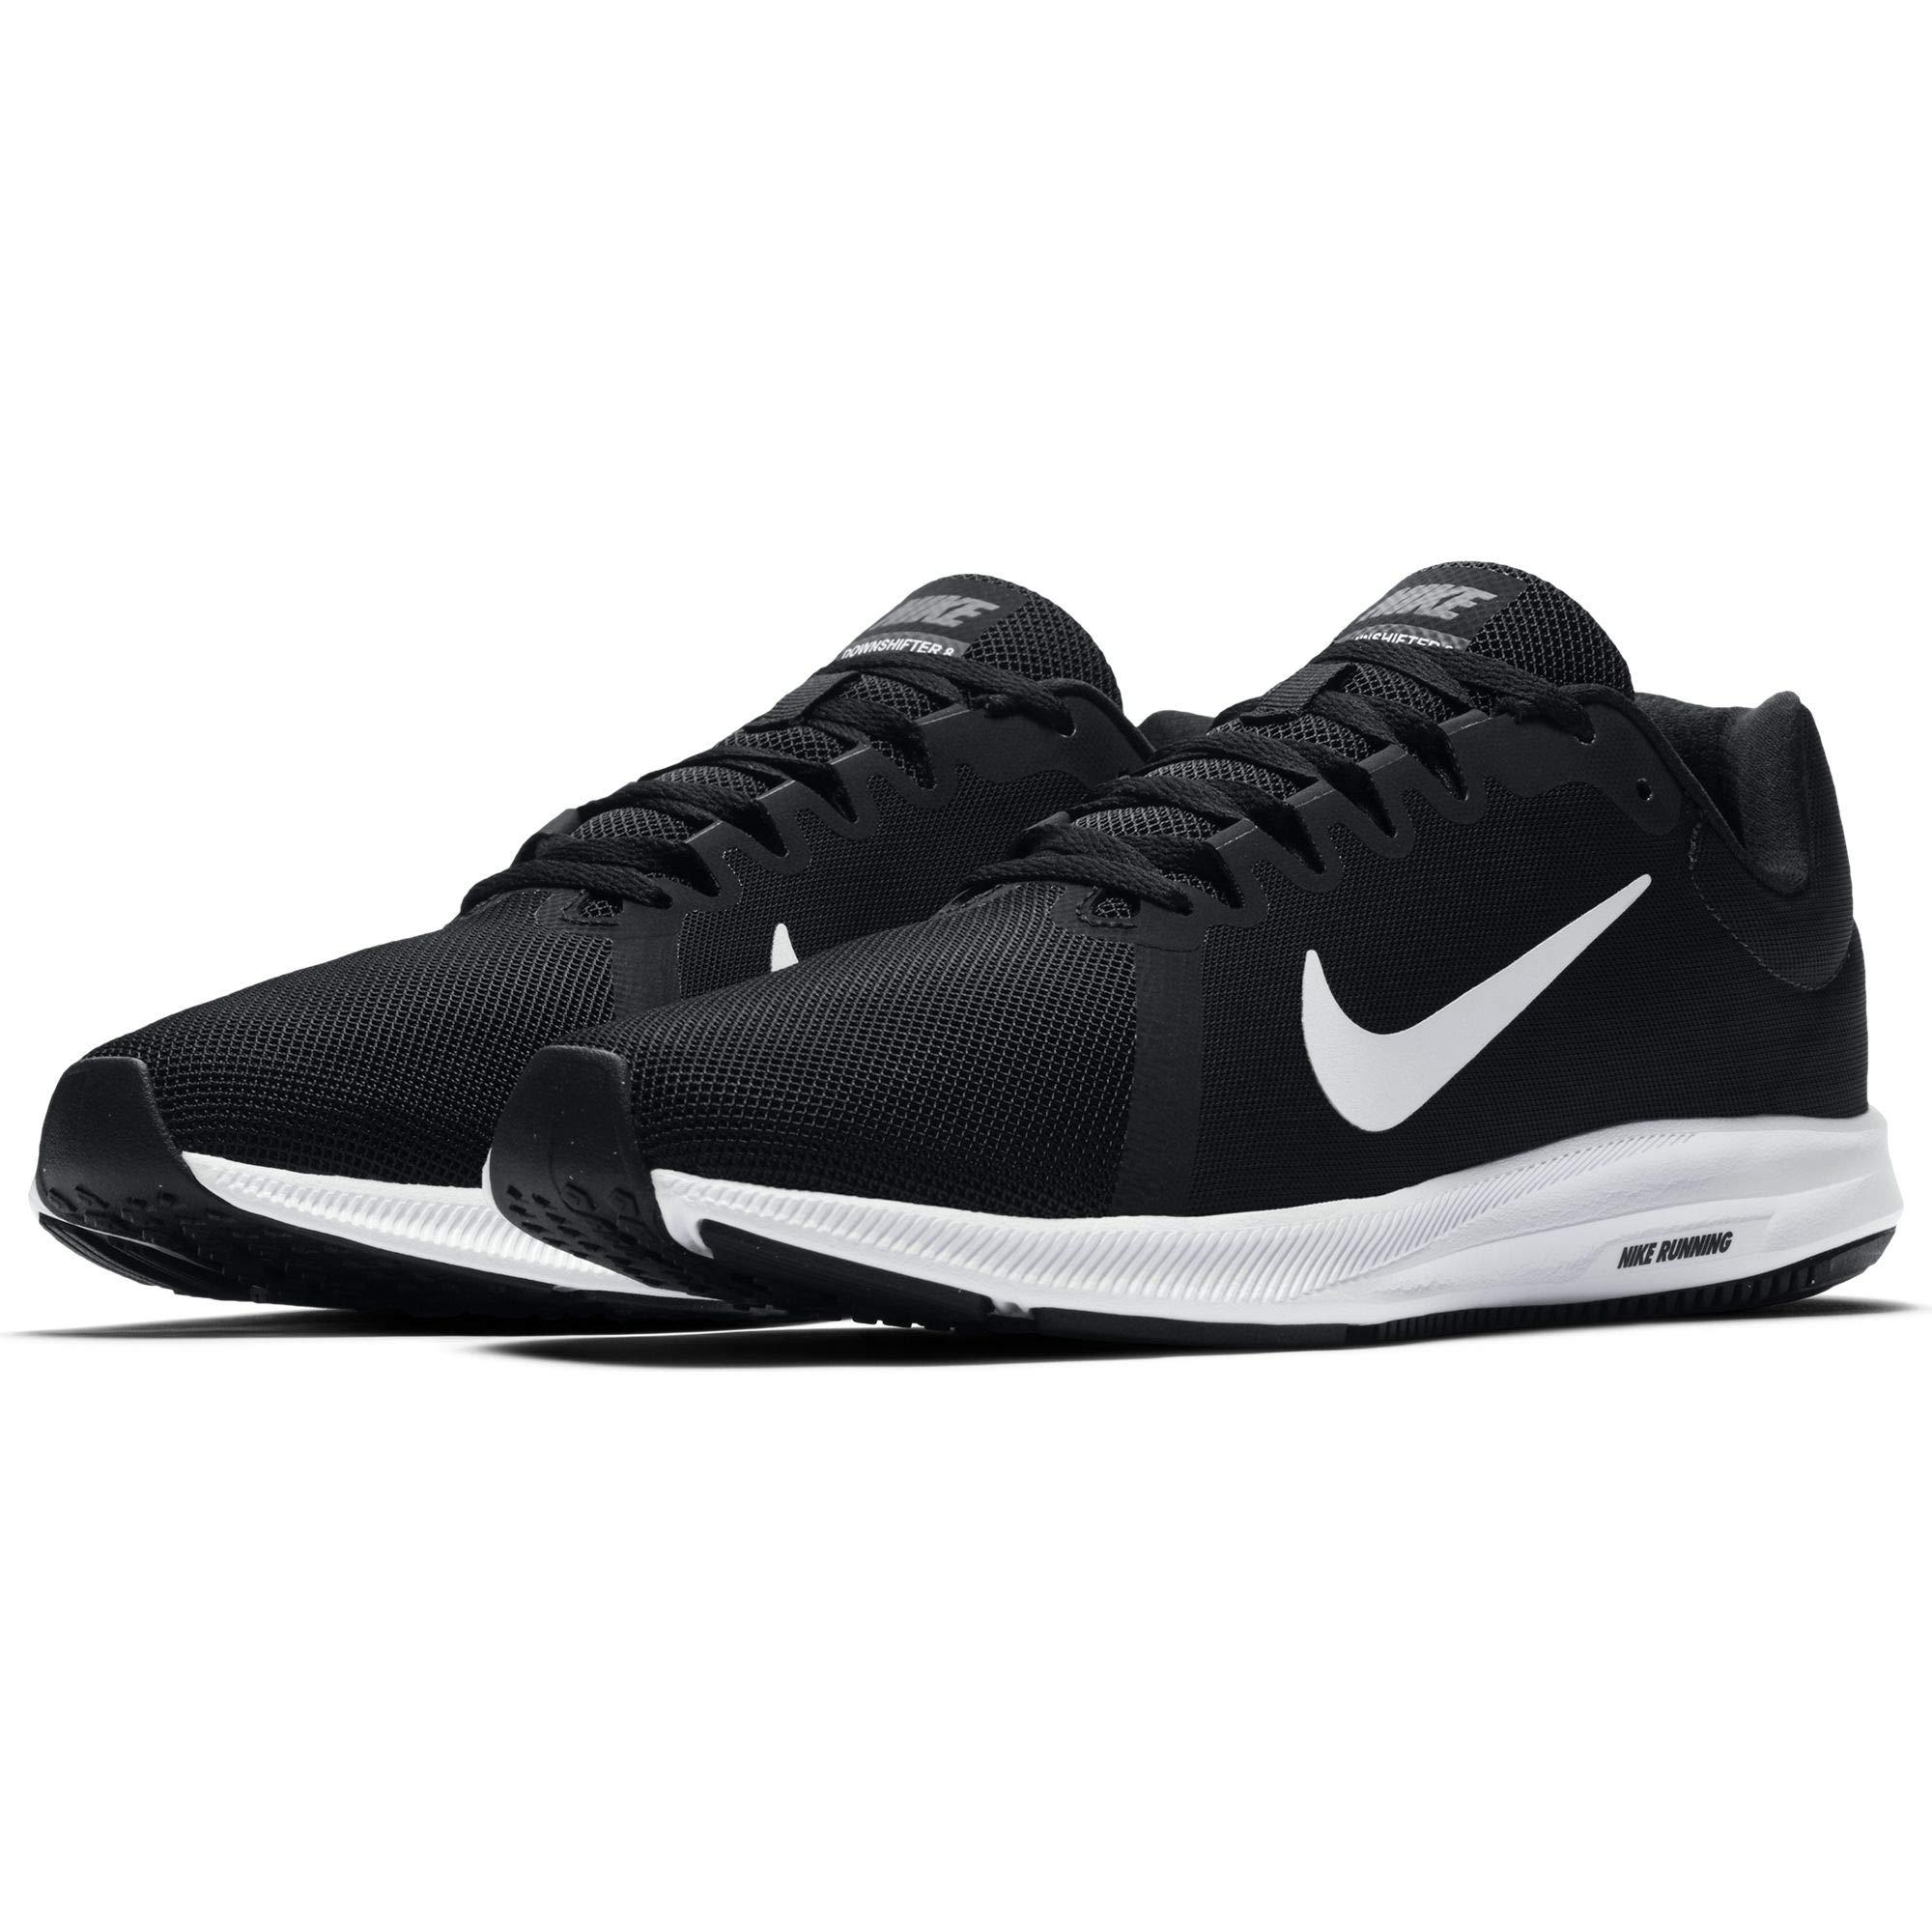 Nike Men's Downshifter 8 Running Shoe Black/White/Anthracite 8 Regular US